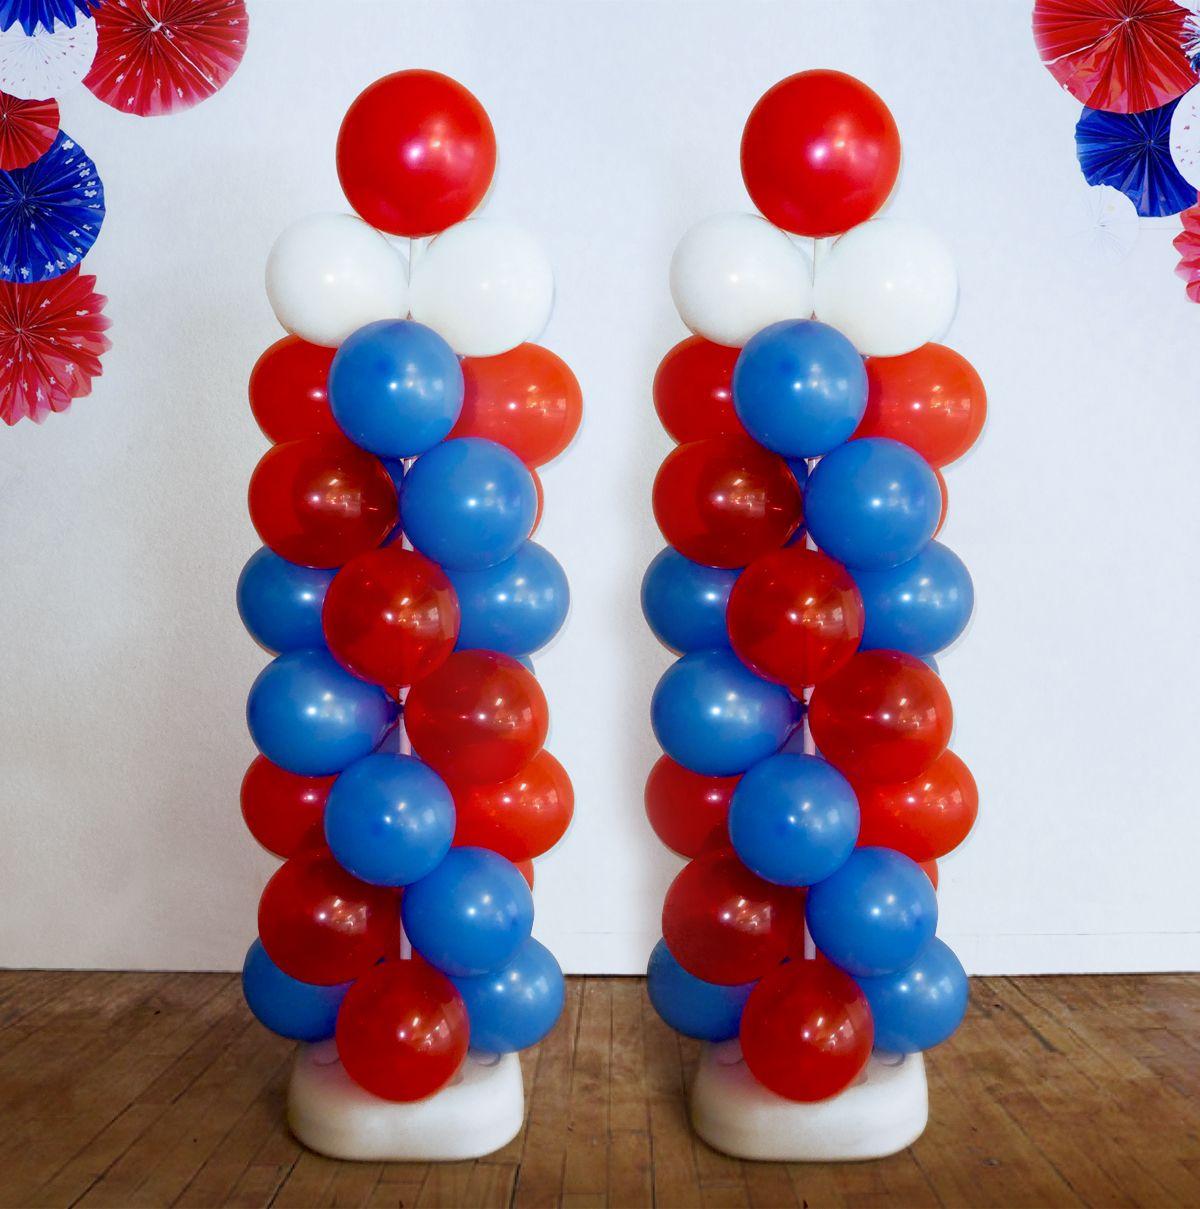 Balloon Column - Single Spiral - 2 Colors